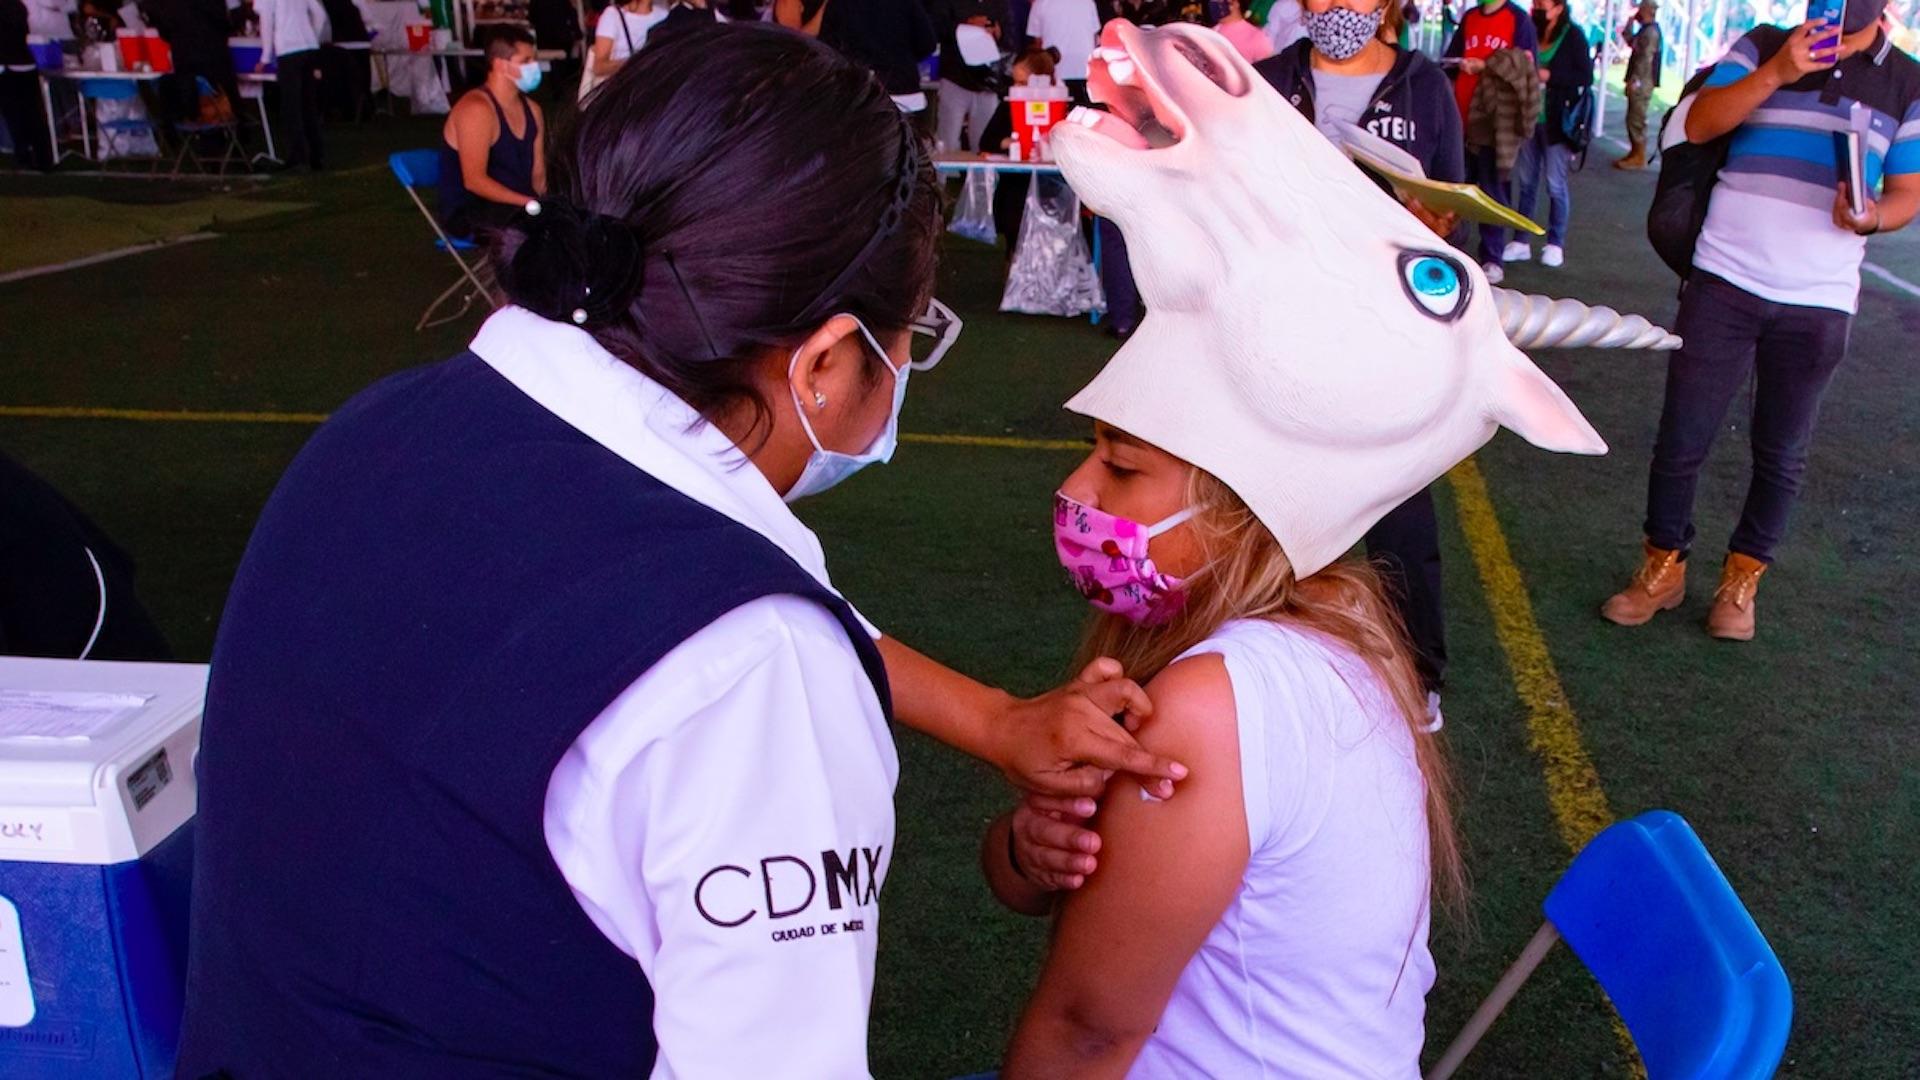 México vacuna contra el COVID-19 a Pikachu, superhéroes y unicornios. Foto de EFE